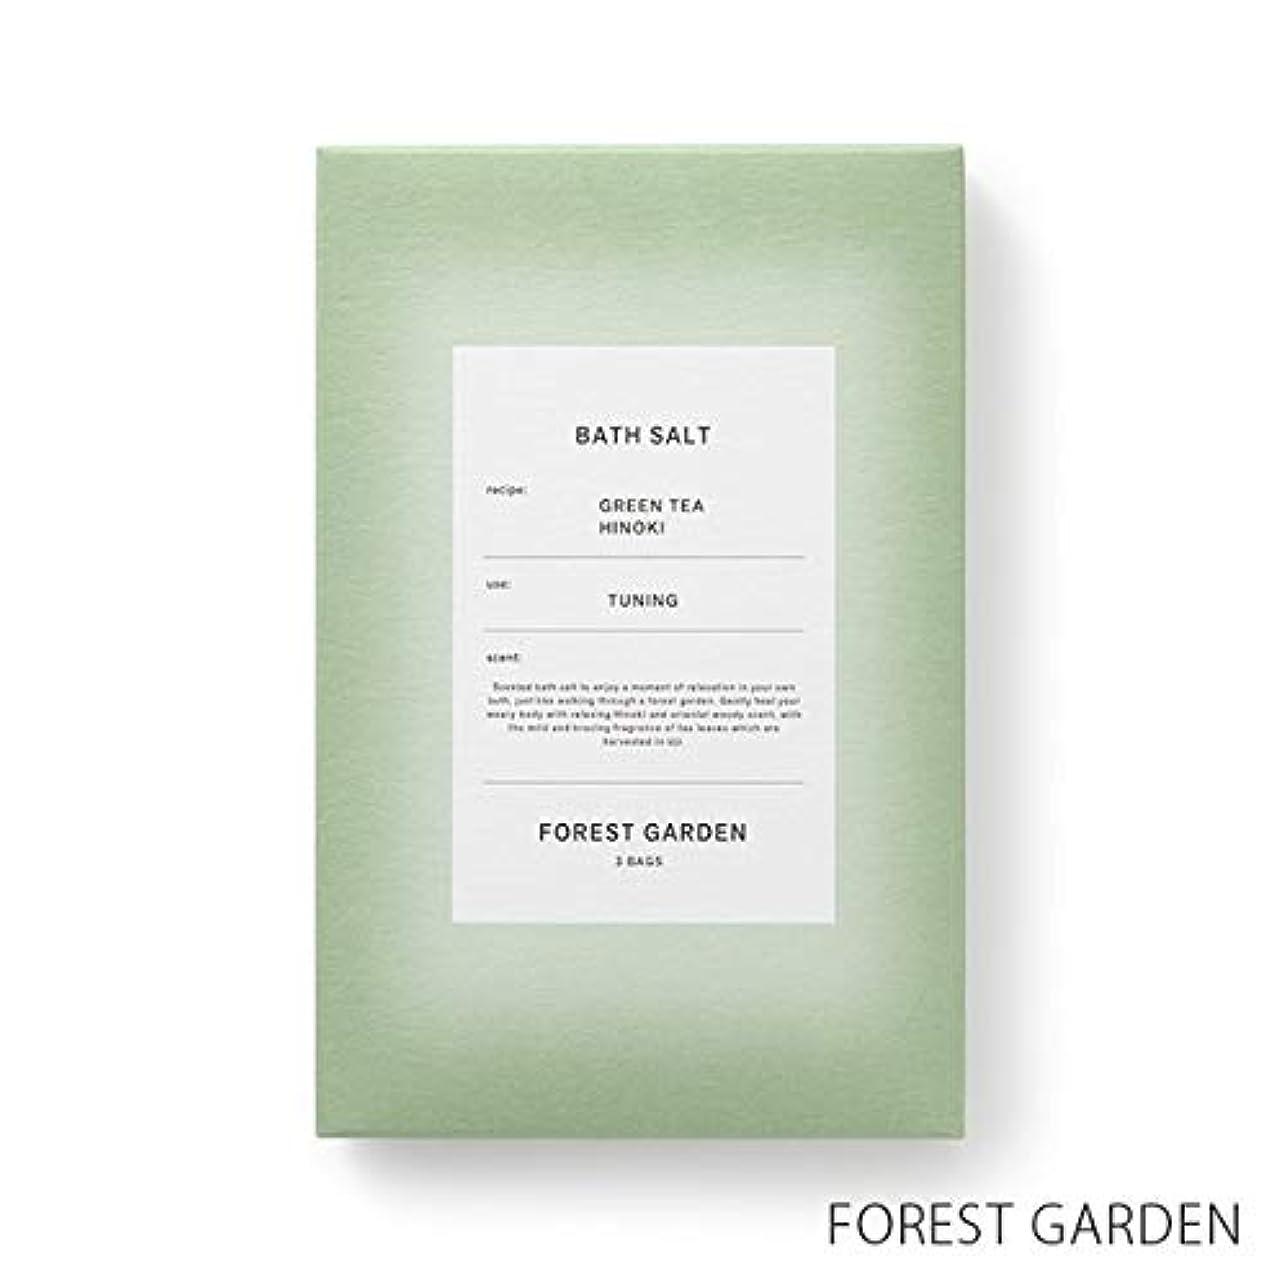 バーチャルそれから物理【薫玉堂】 バスソルト FOREST GARDEN 森の庭 緑 和 宇治茶の香り